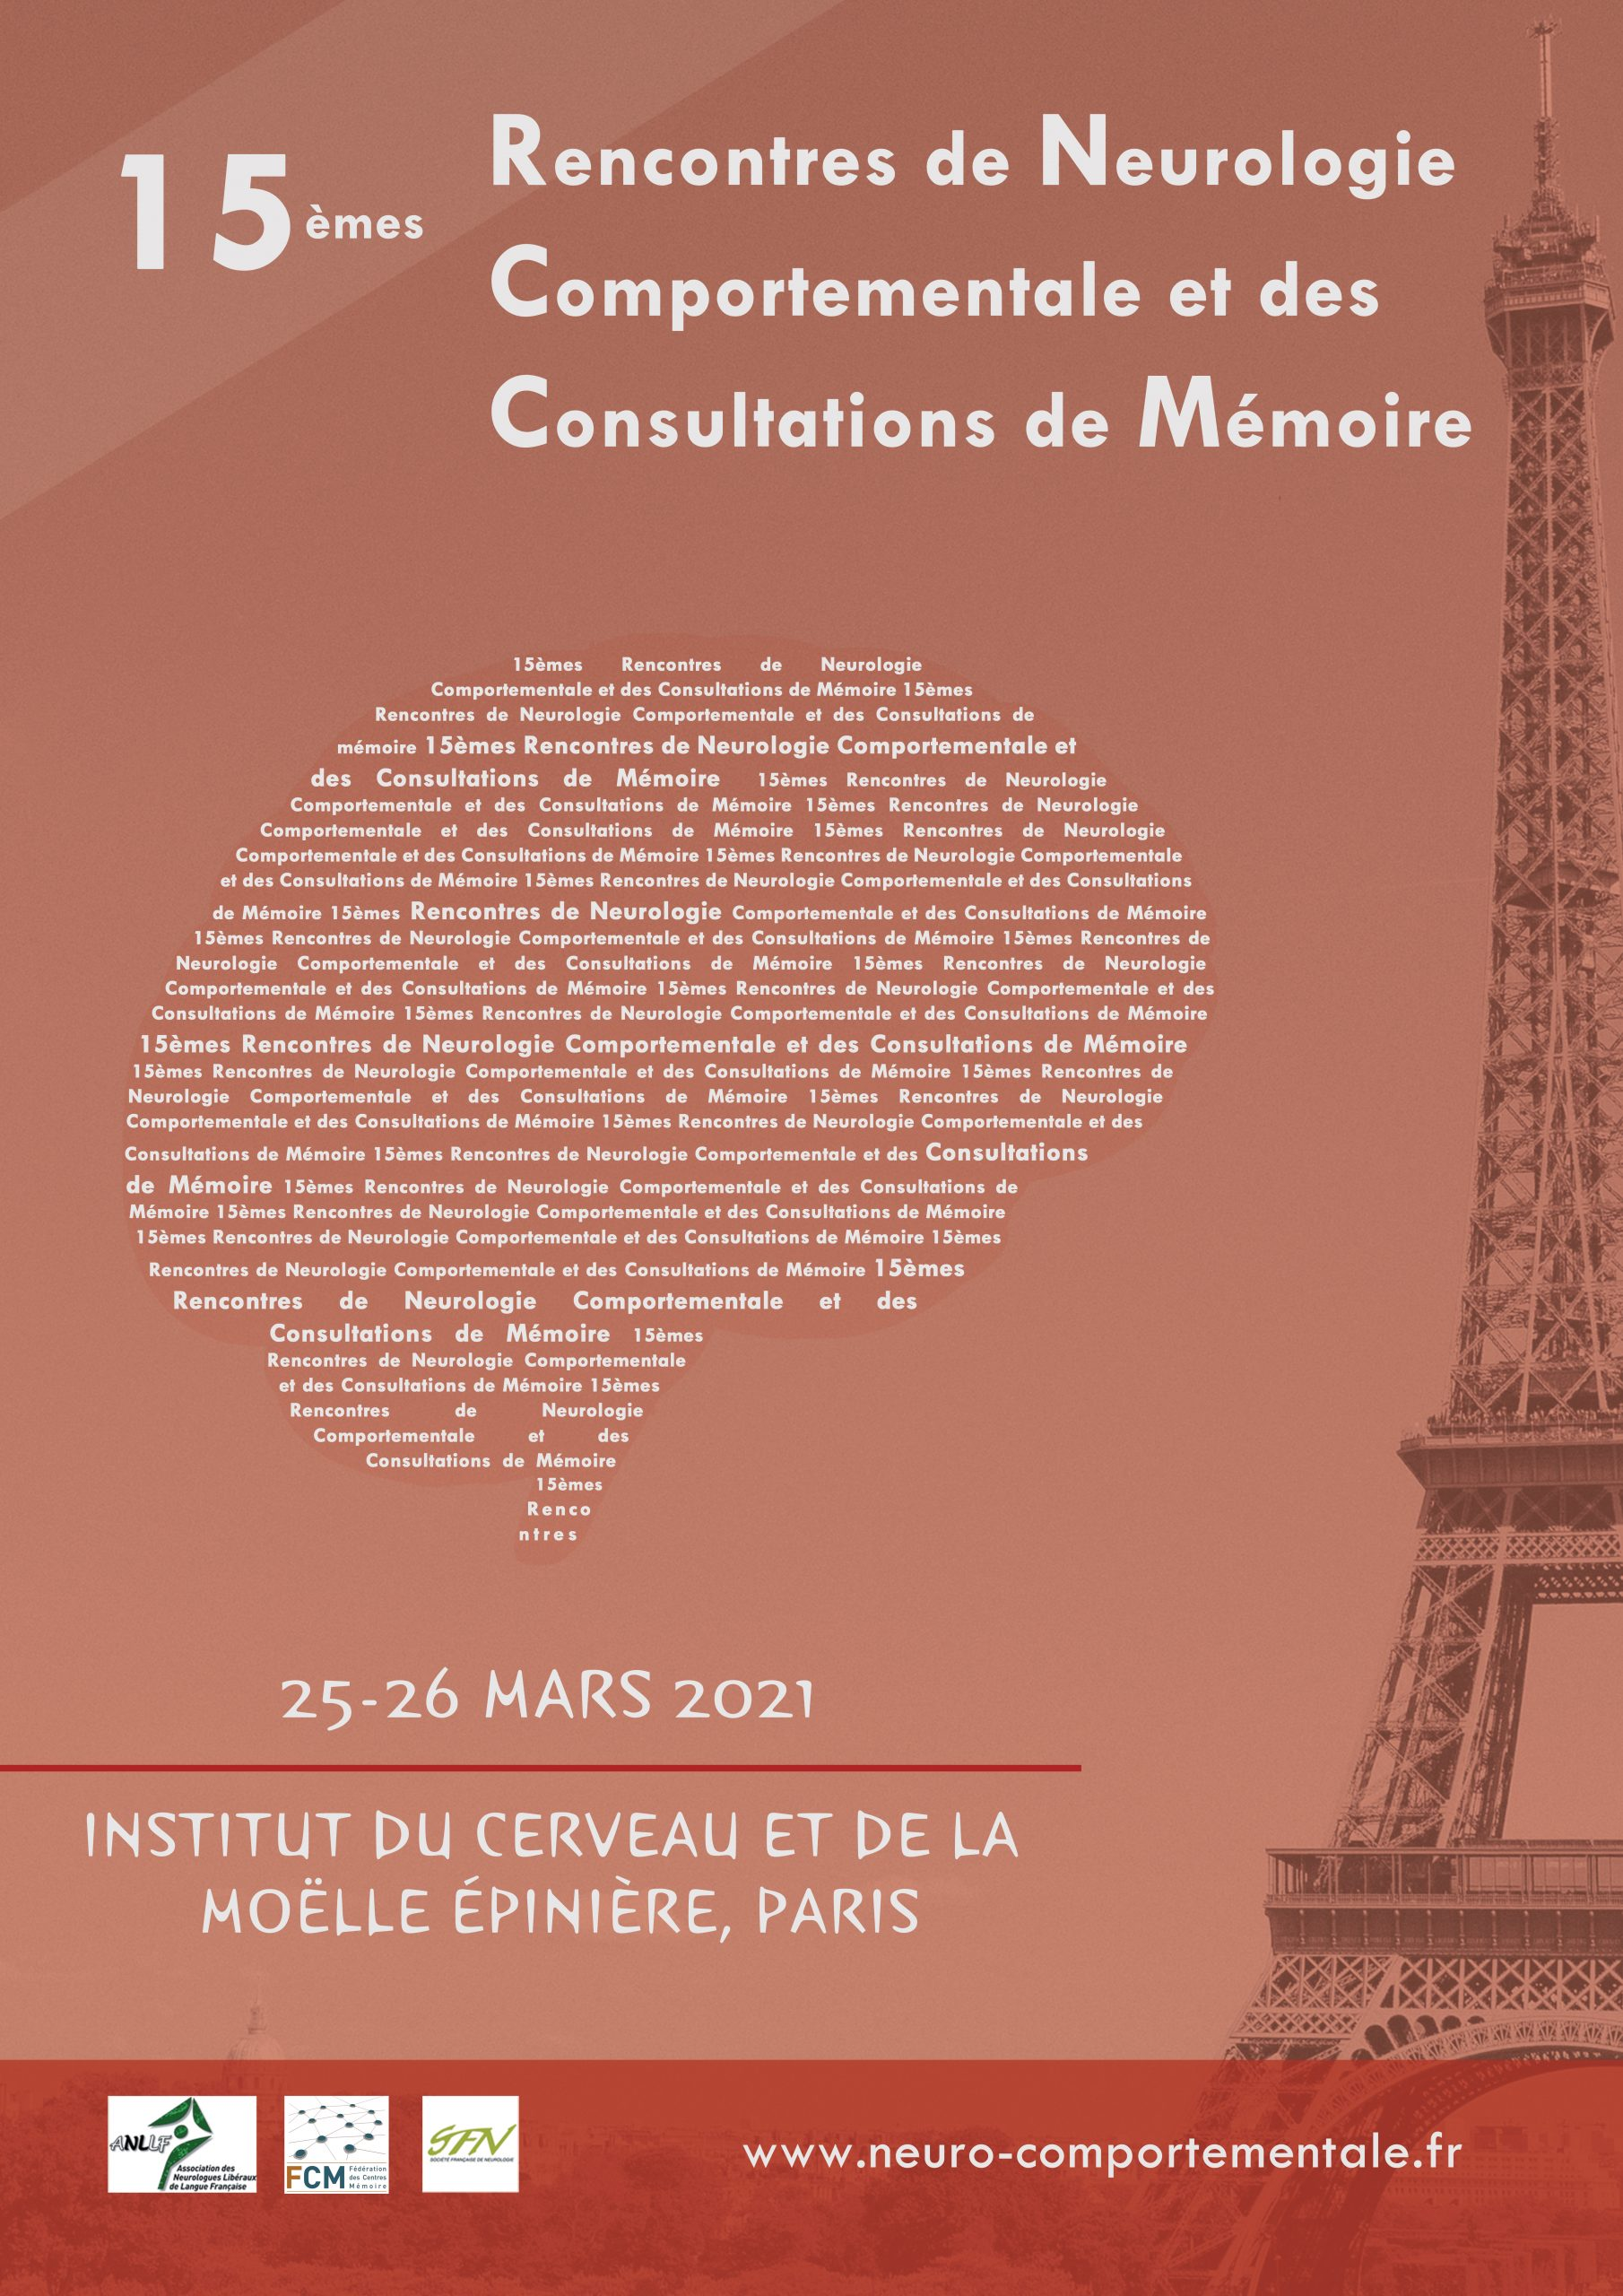 Rencontres de Neurologie Comportementale et Consultations de Mémoire